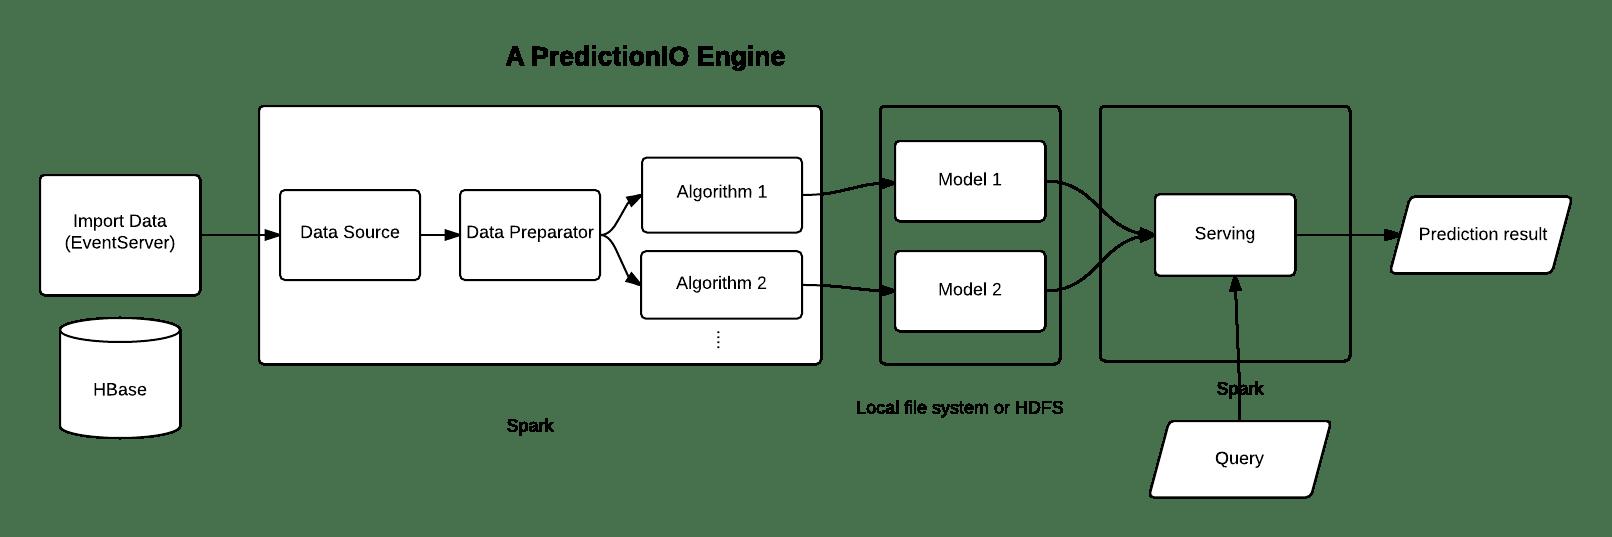 PredictionIO technology stack. Image credits PredictionIO.